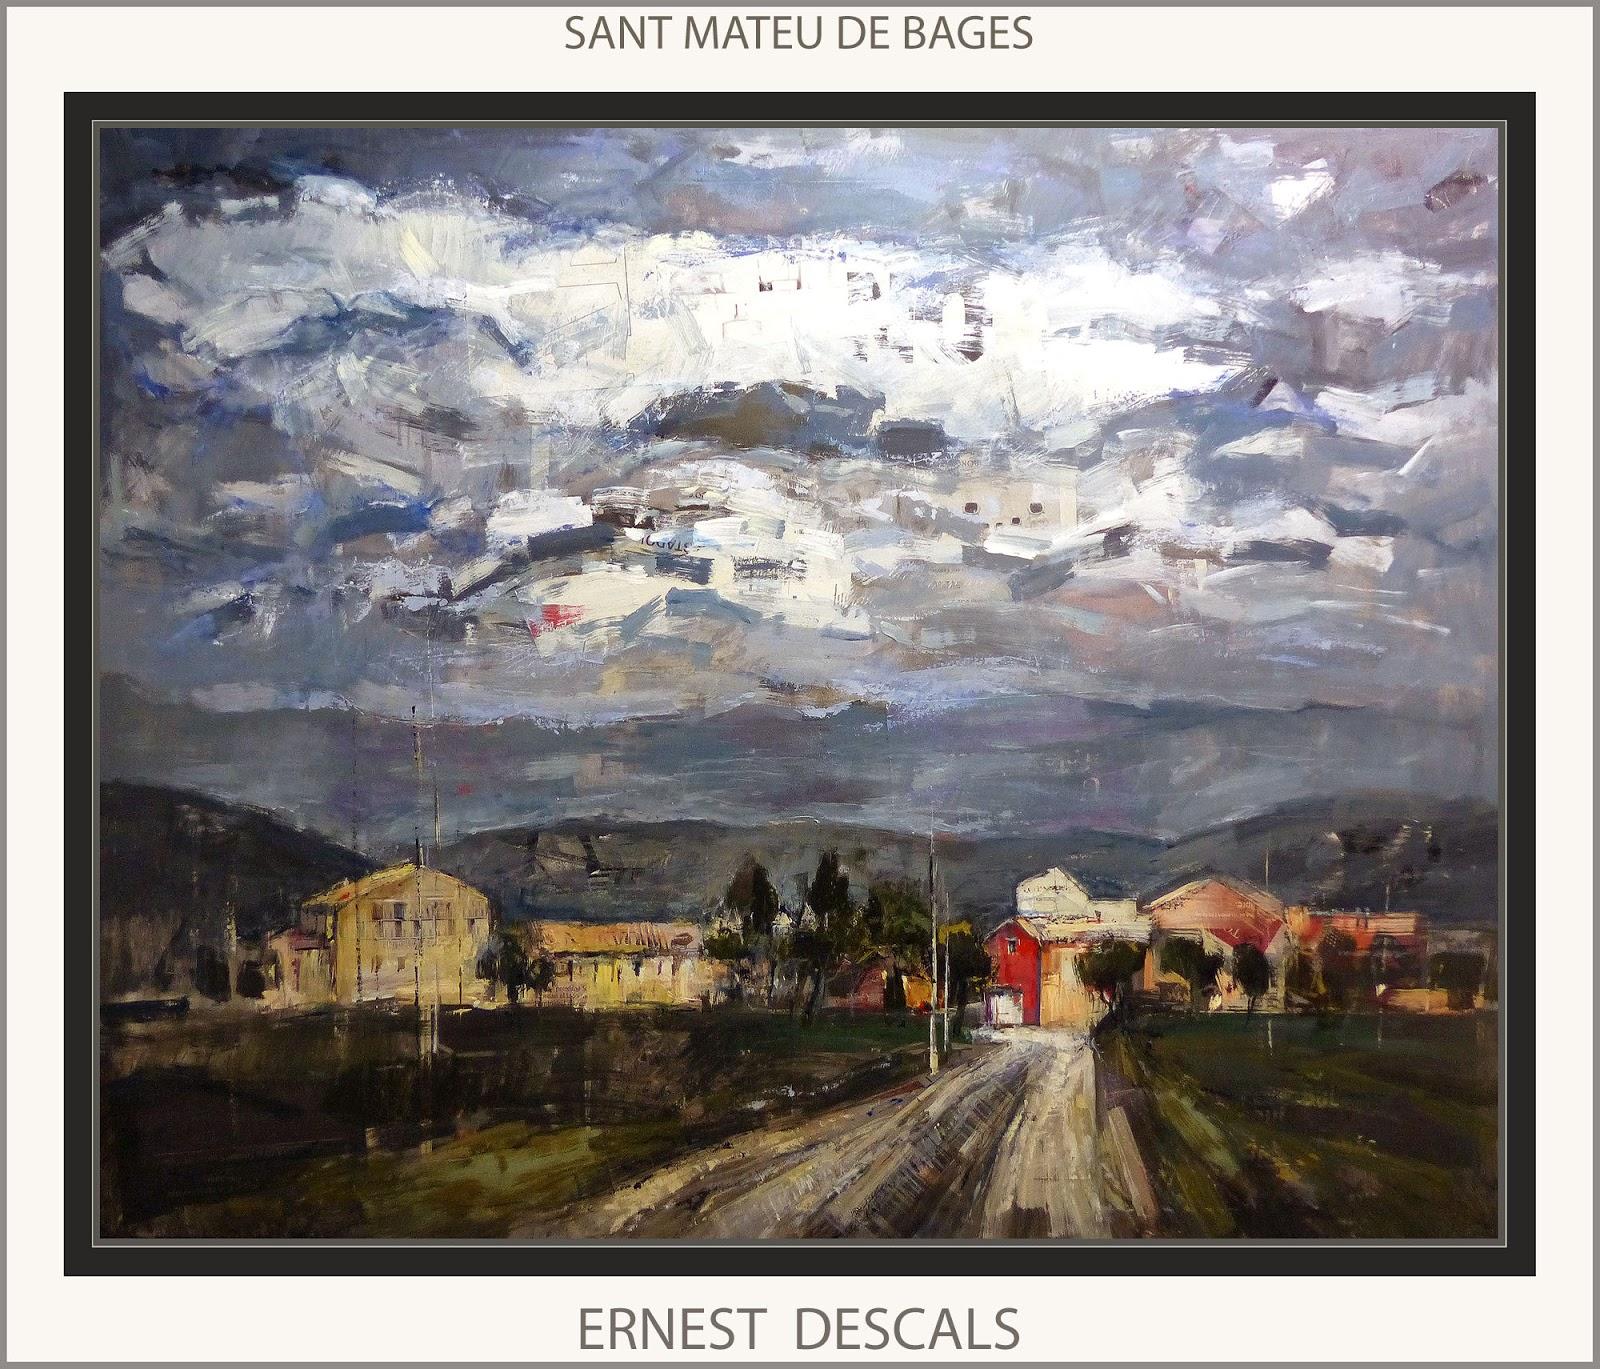 Ernest descals artista pintor sant mateu de bages - Cuadros gran formato ...